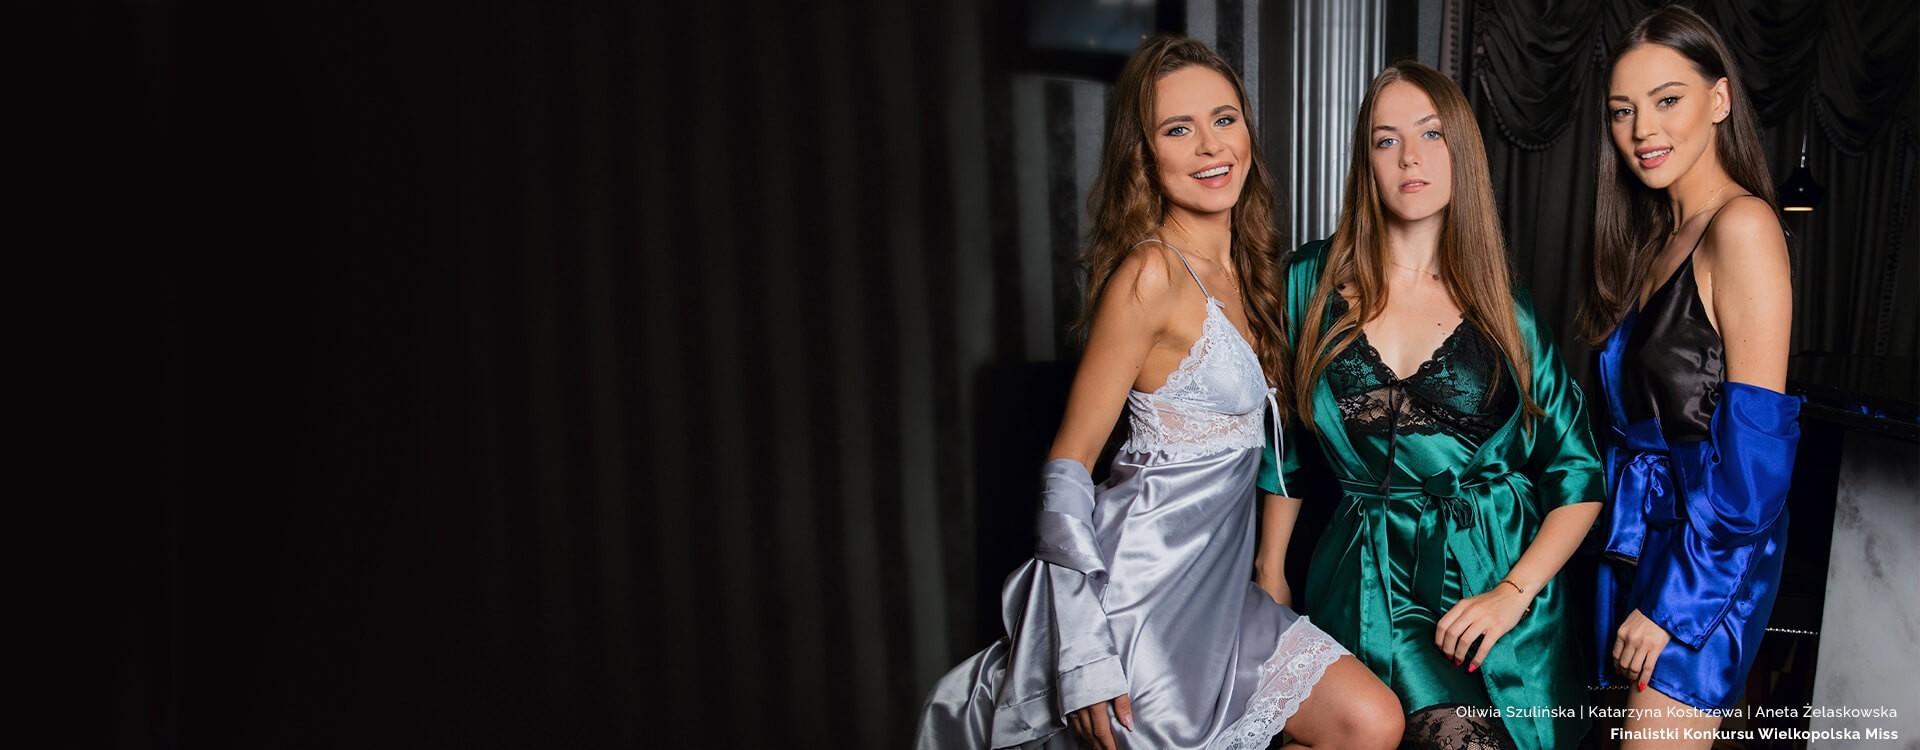 Szukasz zmysłowej bielizny na Dzień Kobiet? A może chcesz zaskoczyć odważniejszą stylizacją na wieczór we dwoje? Idealna podomka na romantyczny poranek? Odkryj piękno naszych kolekcji